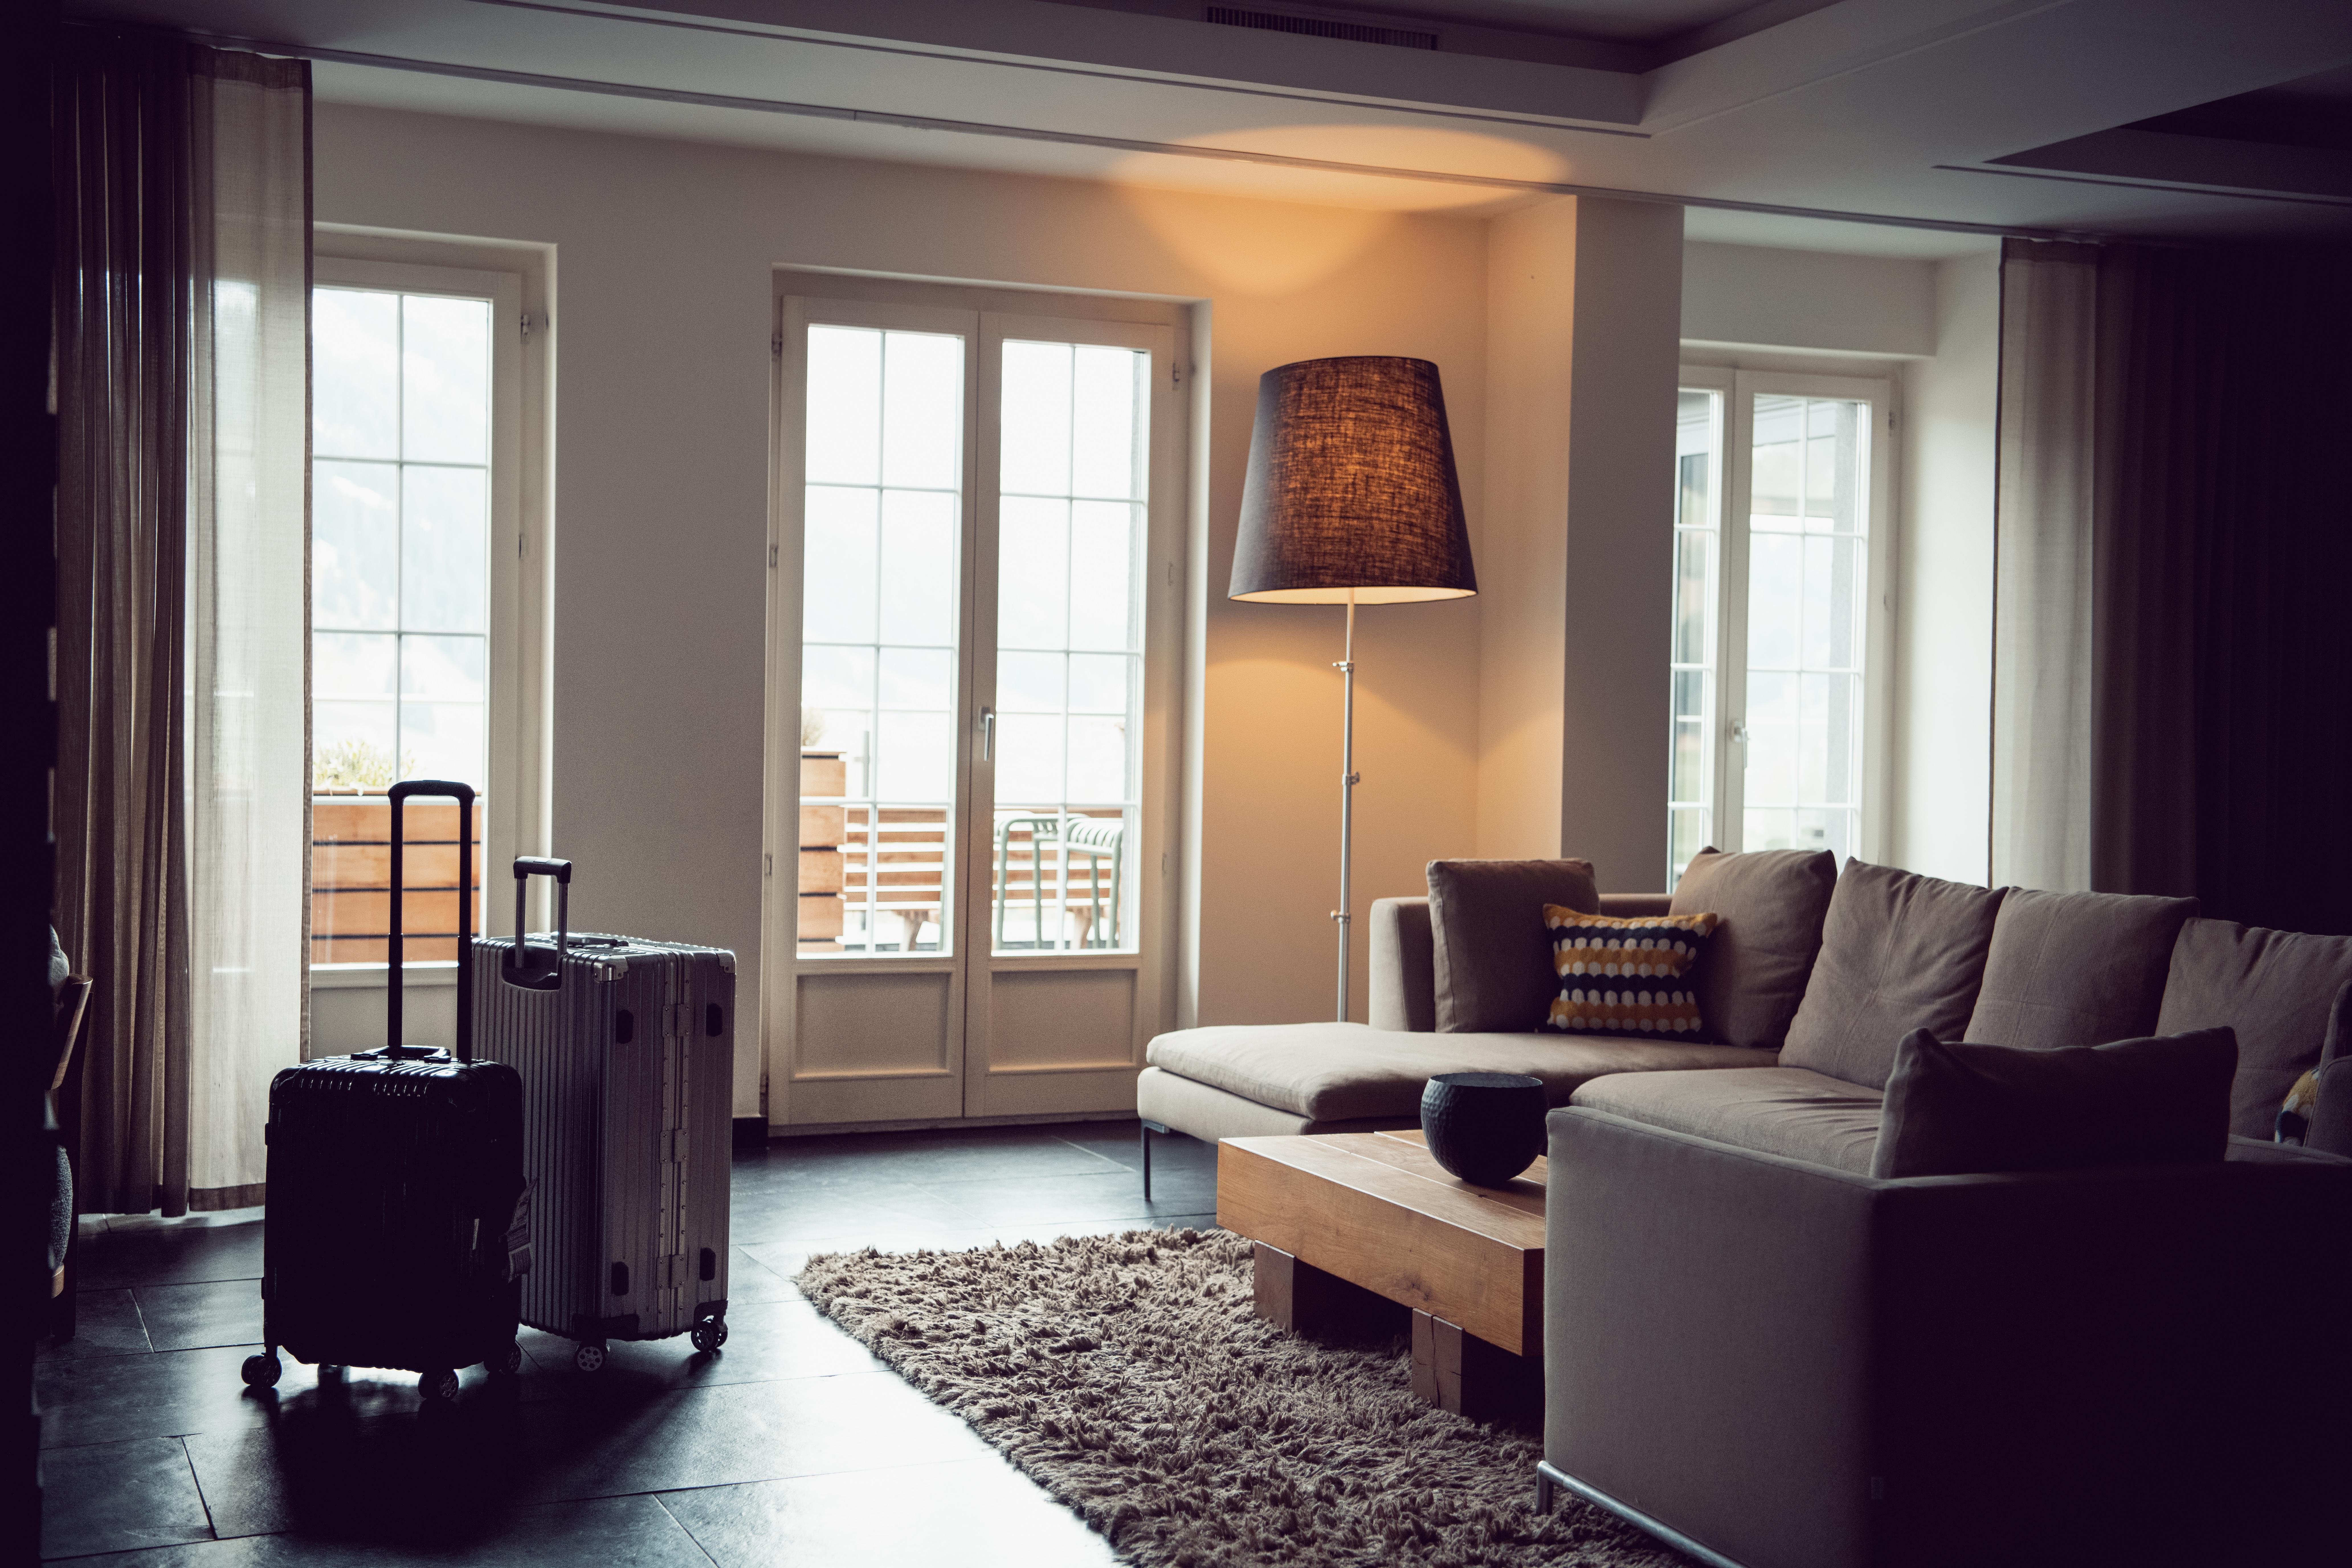 ARVE – Ein Start-up kämpft für saubere Luft in Hotels